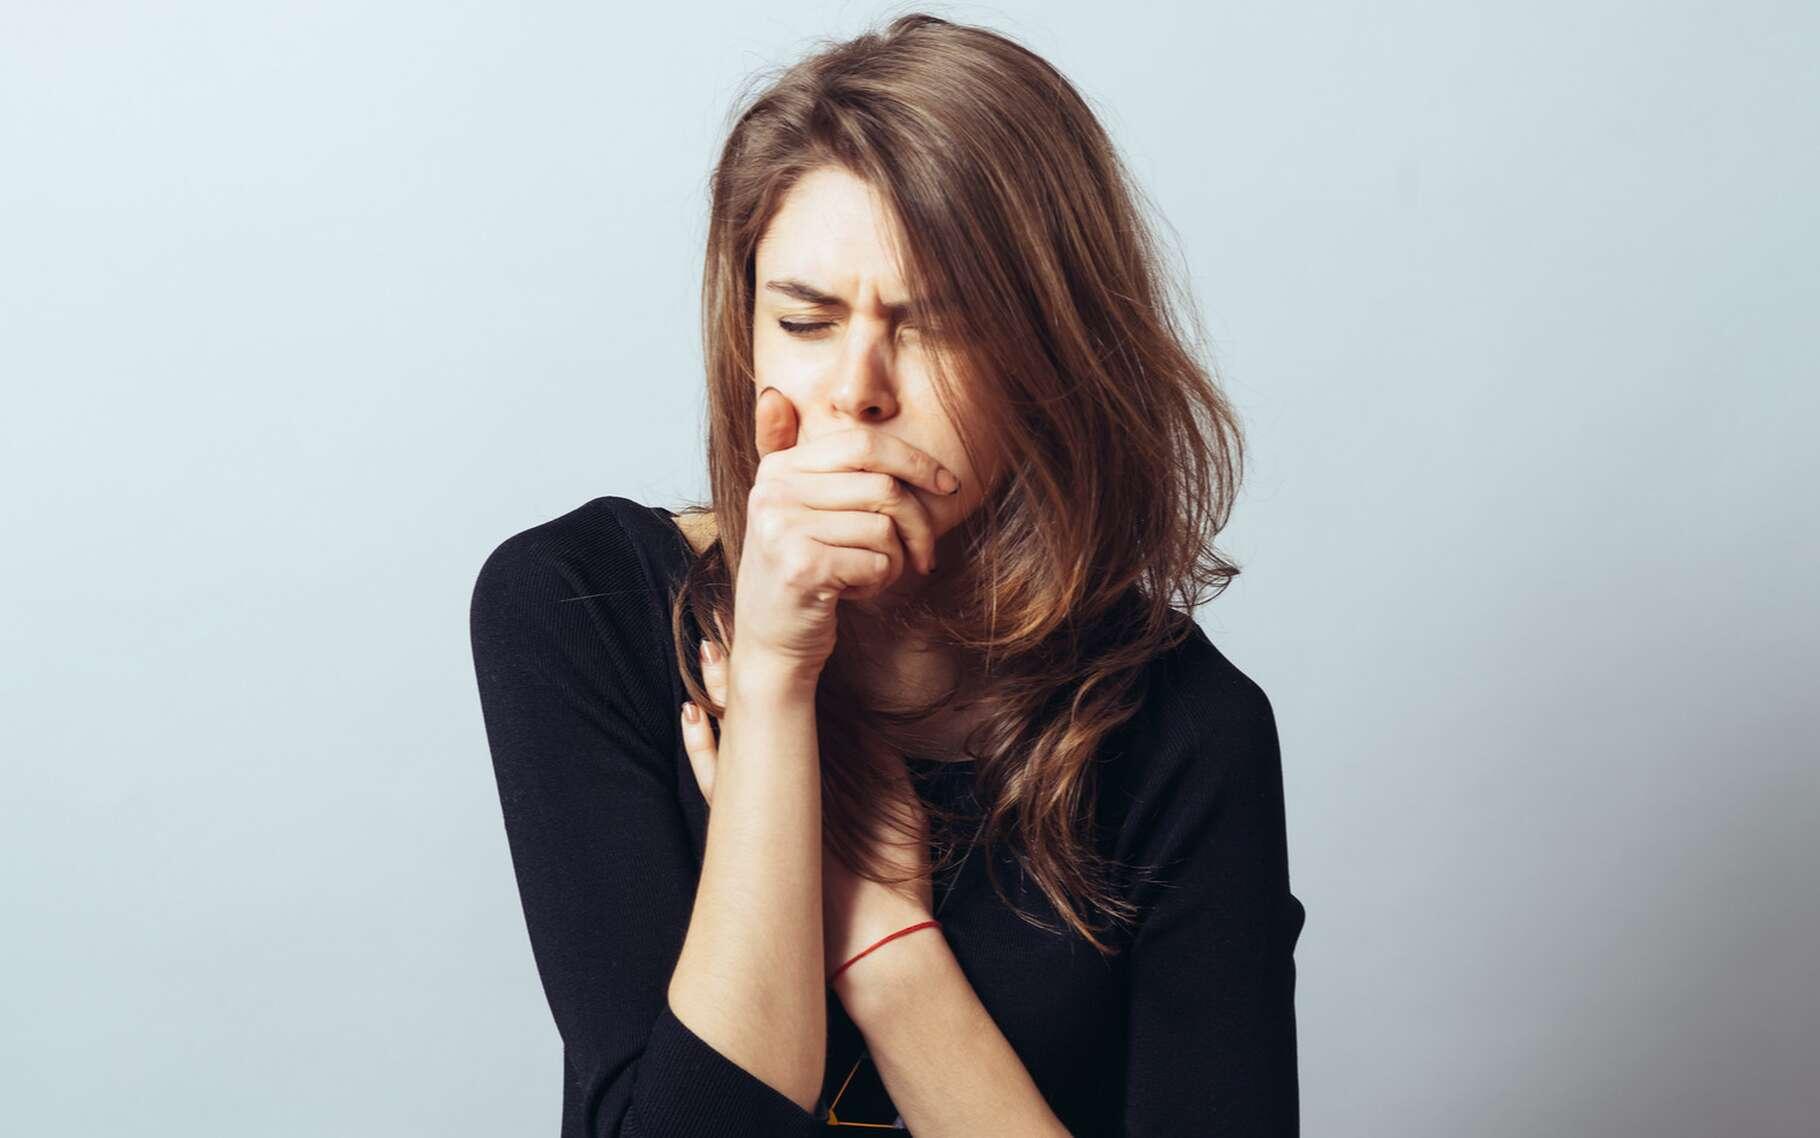 La bronchite se manifeste par une toux sèche qui peut irriter les voies respiratoires. © file404, Shutterstock